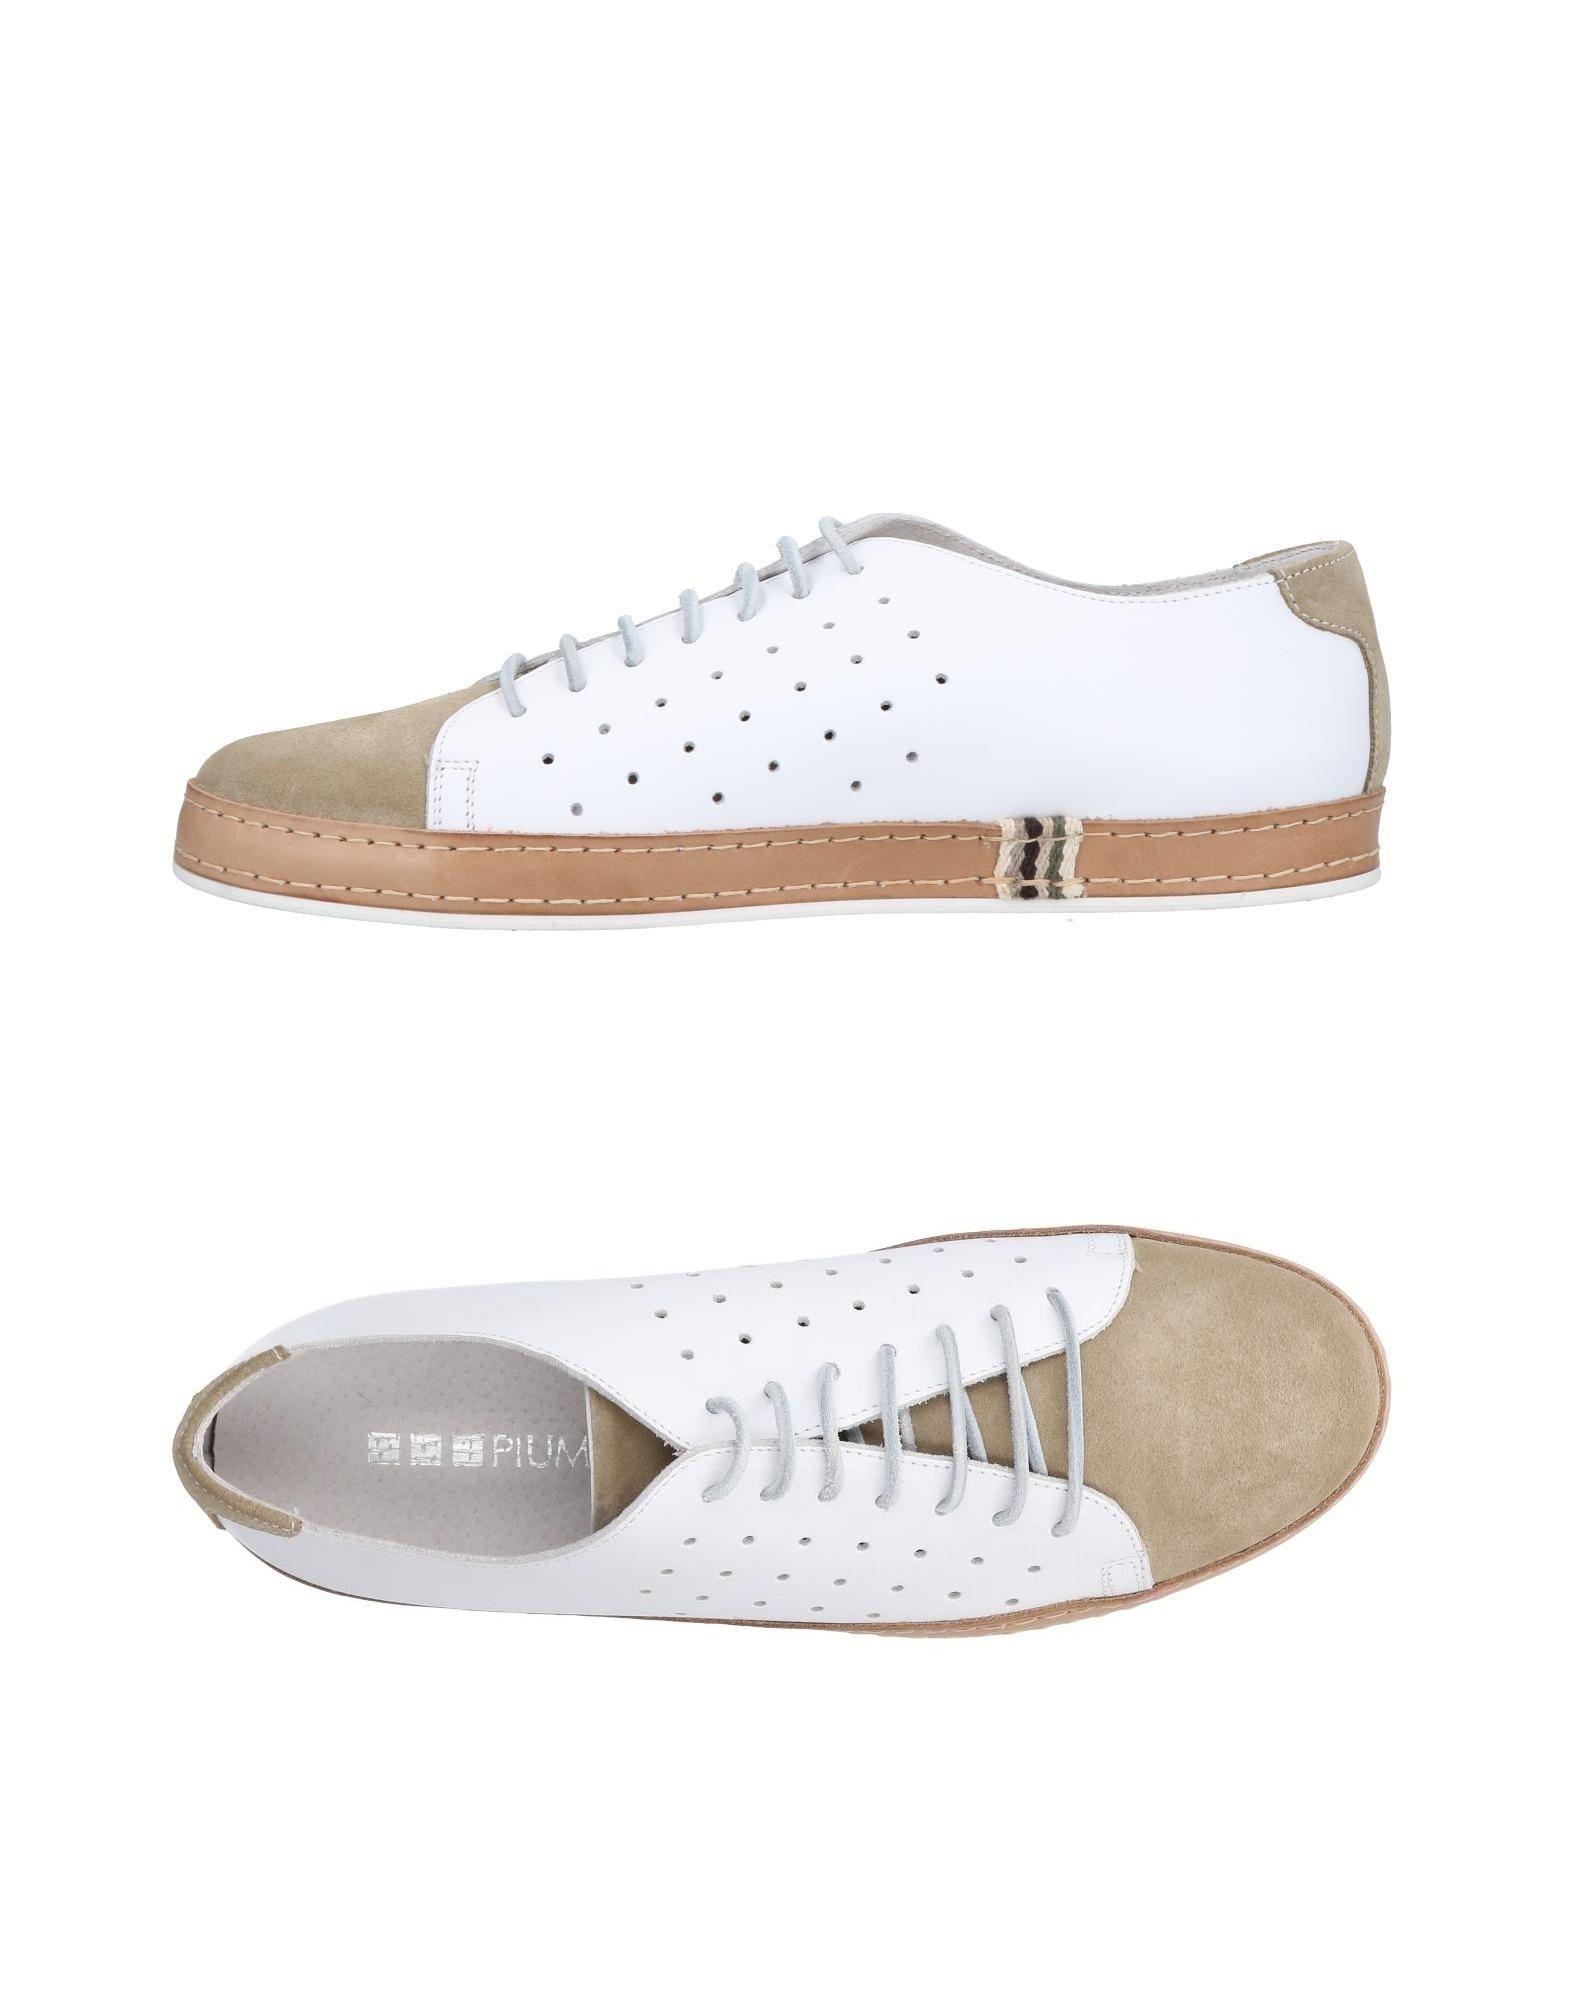 Rabatt echte Schuhe Piumi Sneakers Herren  11468385OF